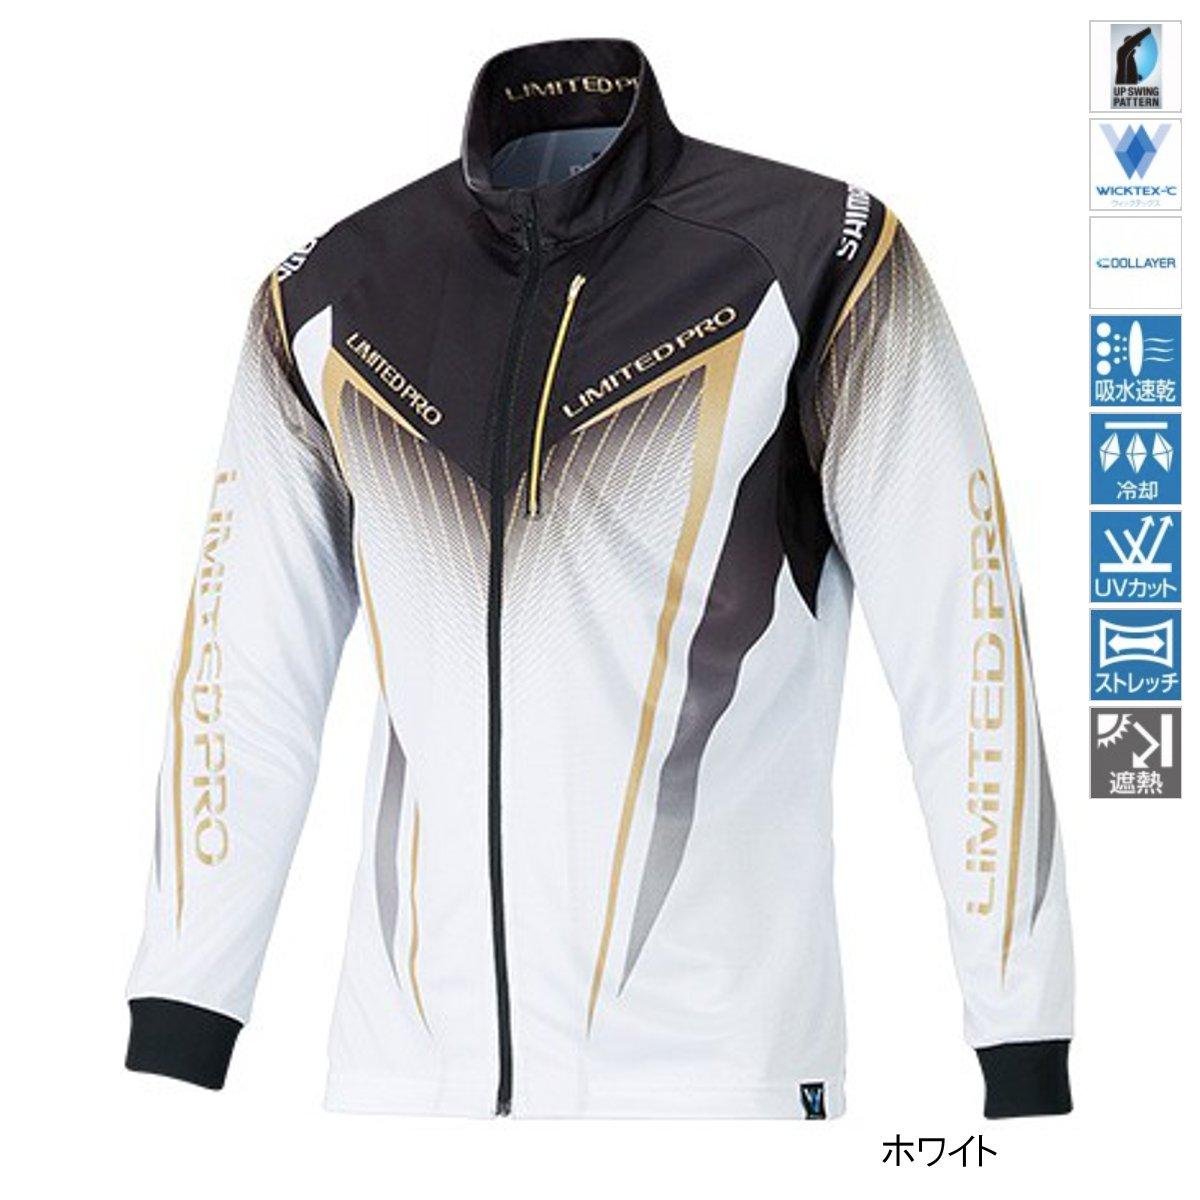 【4/1 24時間限定!エントリーで最大P31倍】シマノ フルジップシャツLIMITED PRO(長袖) SH-011S M ホワイト(東日本店)